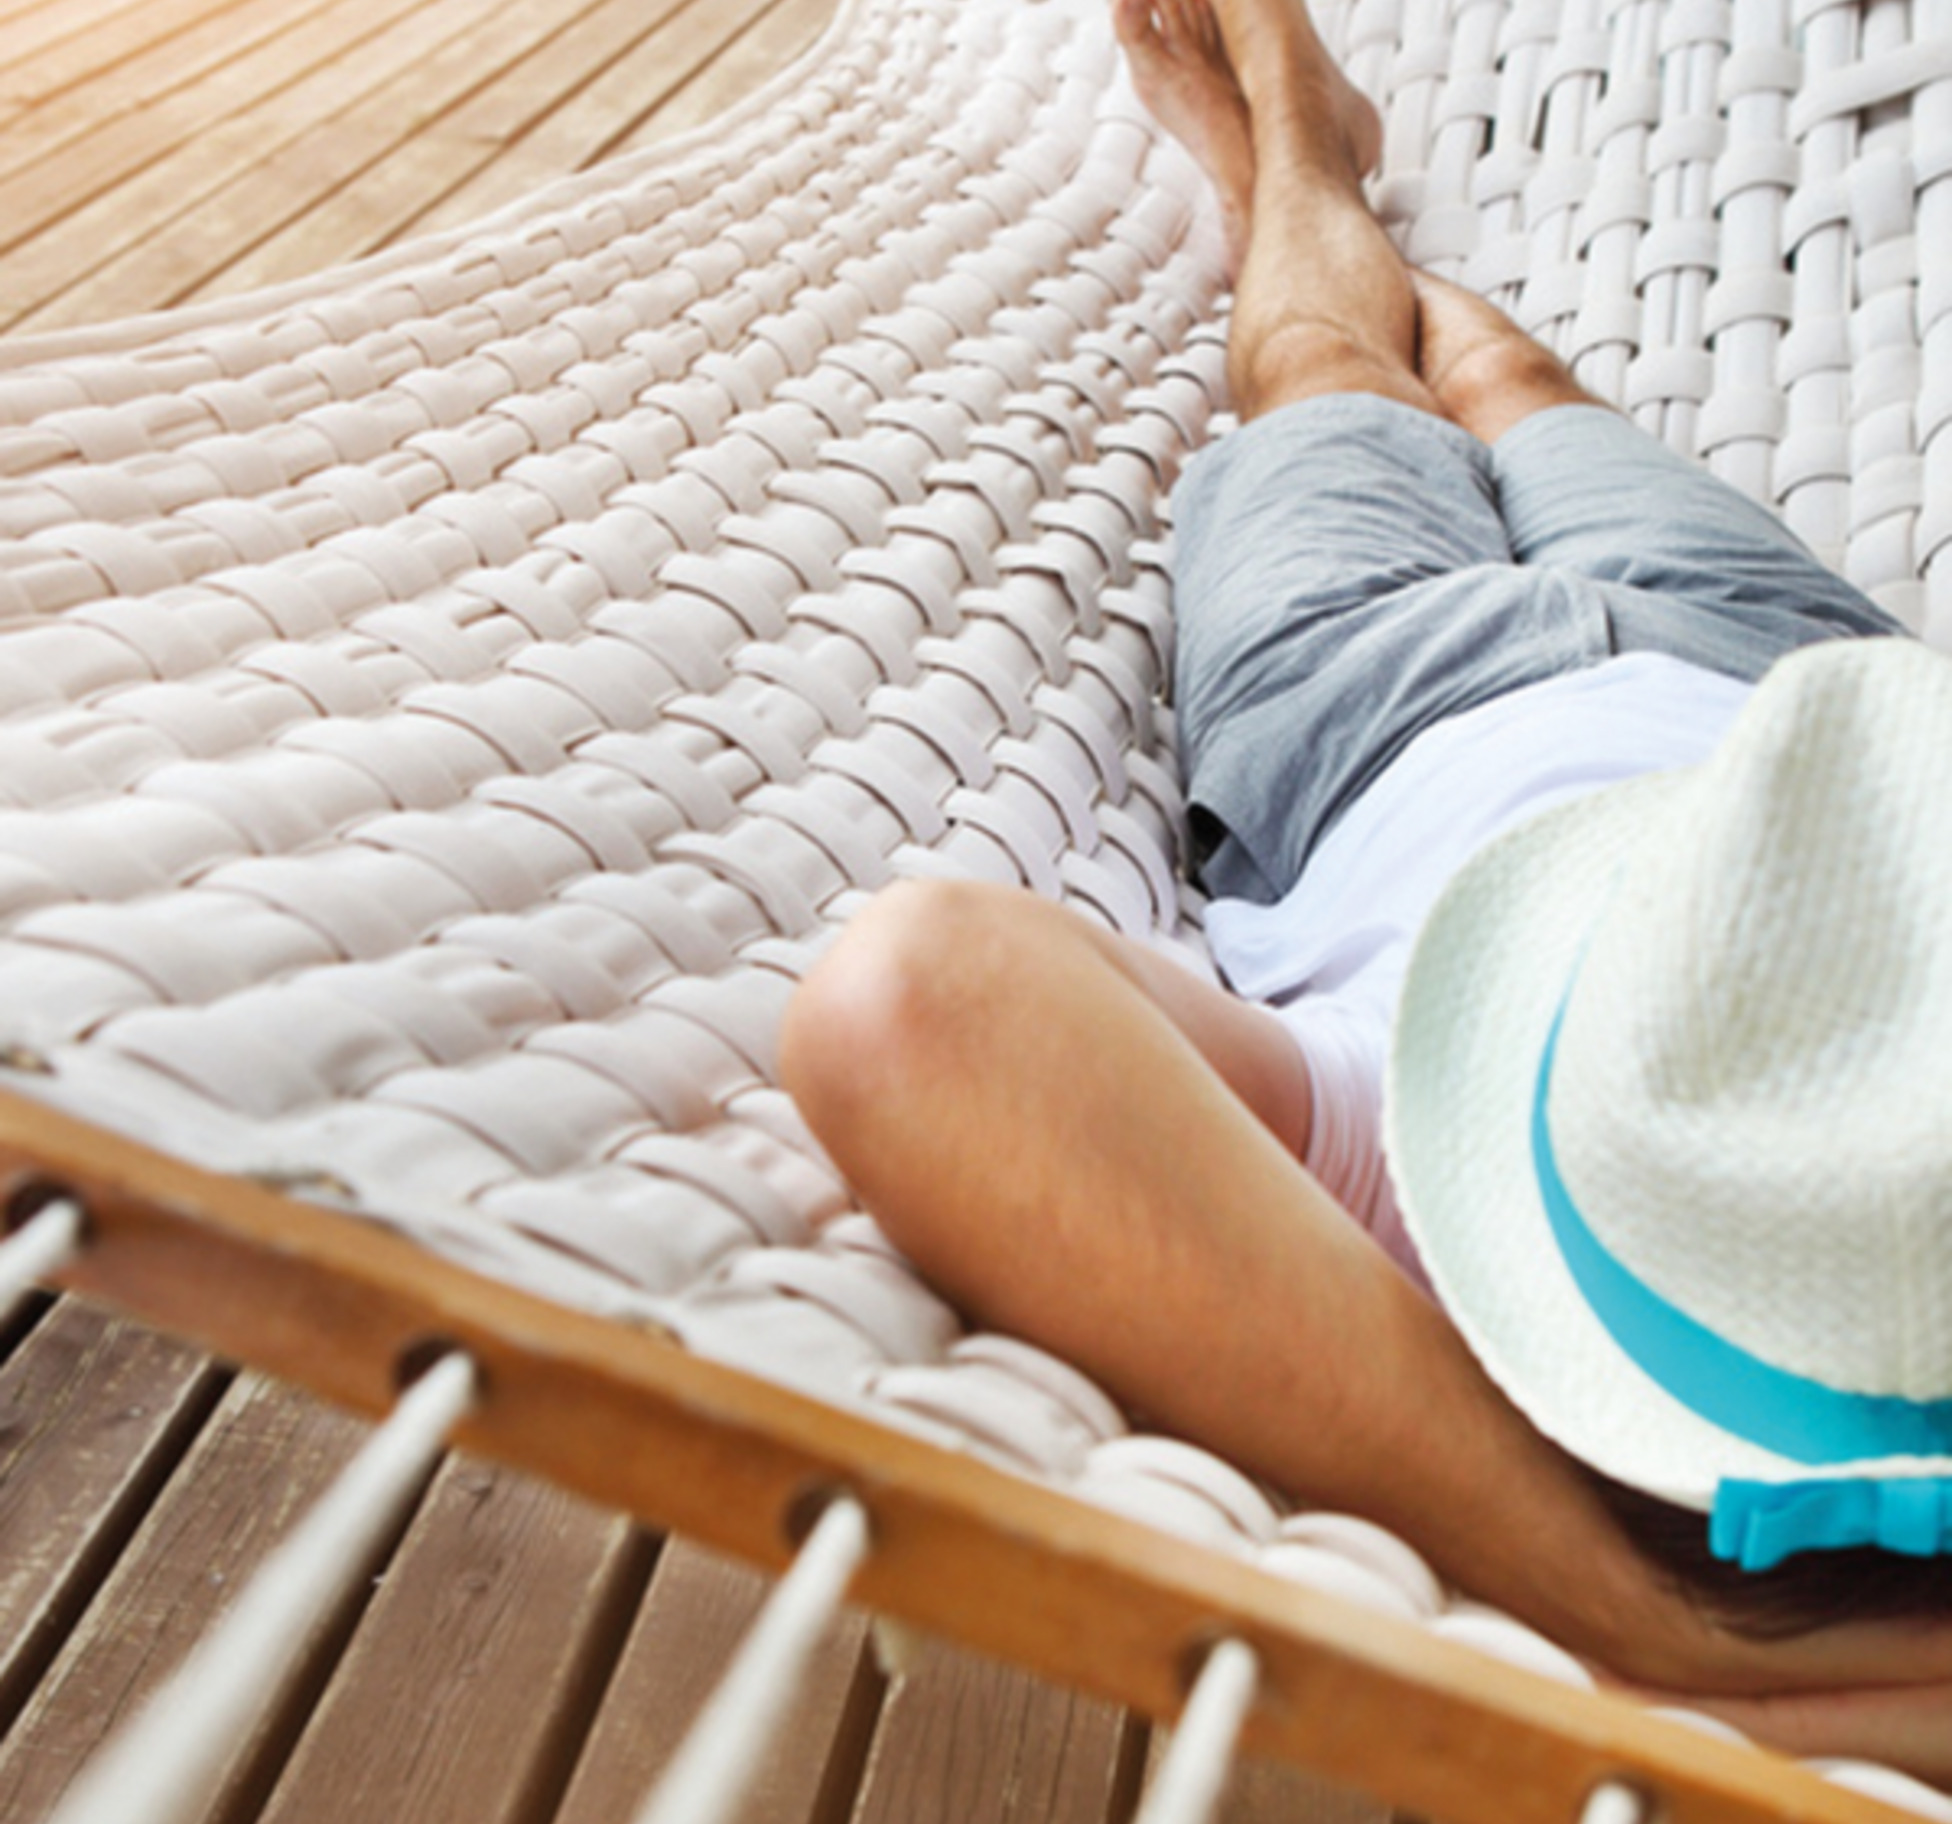 Mann mit Hut in Hängematte